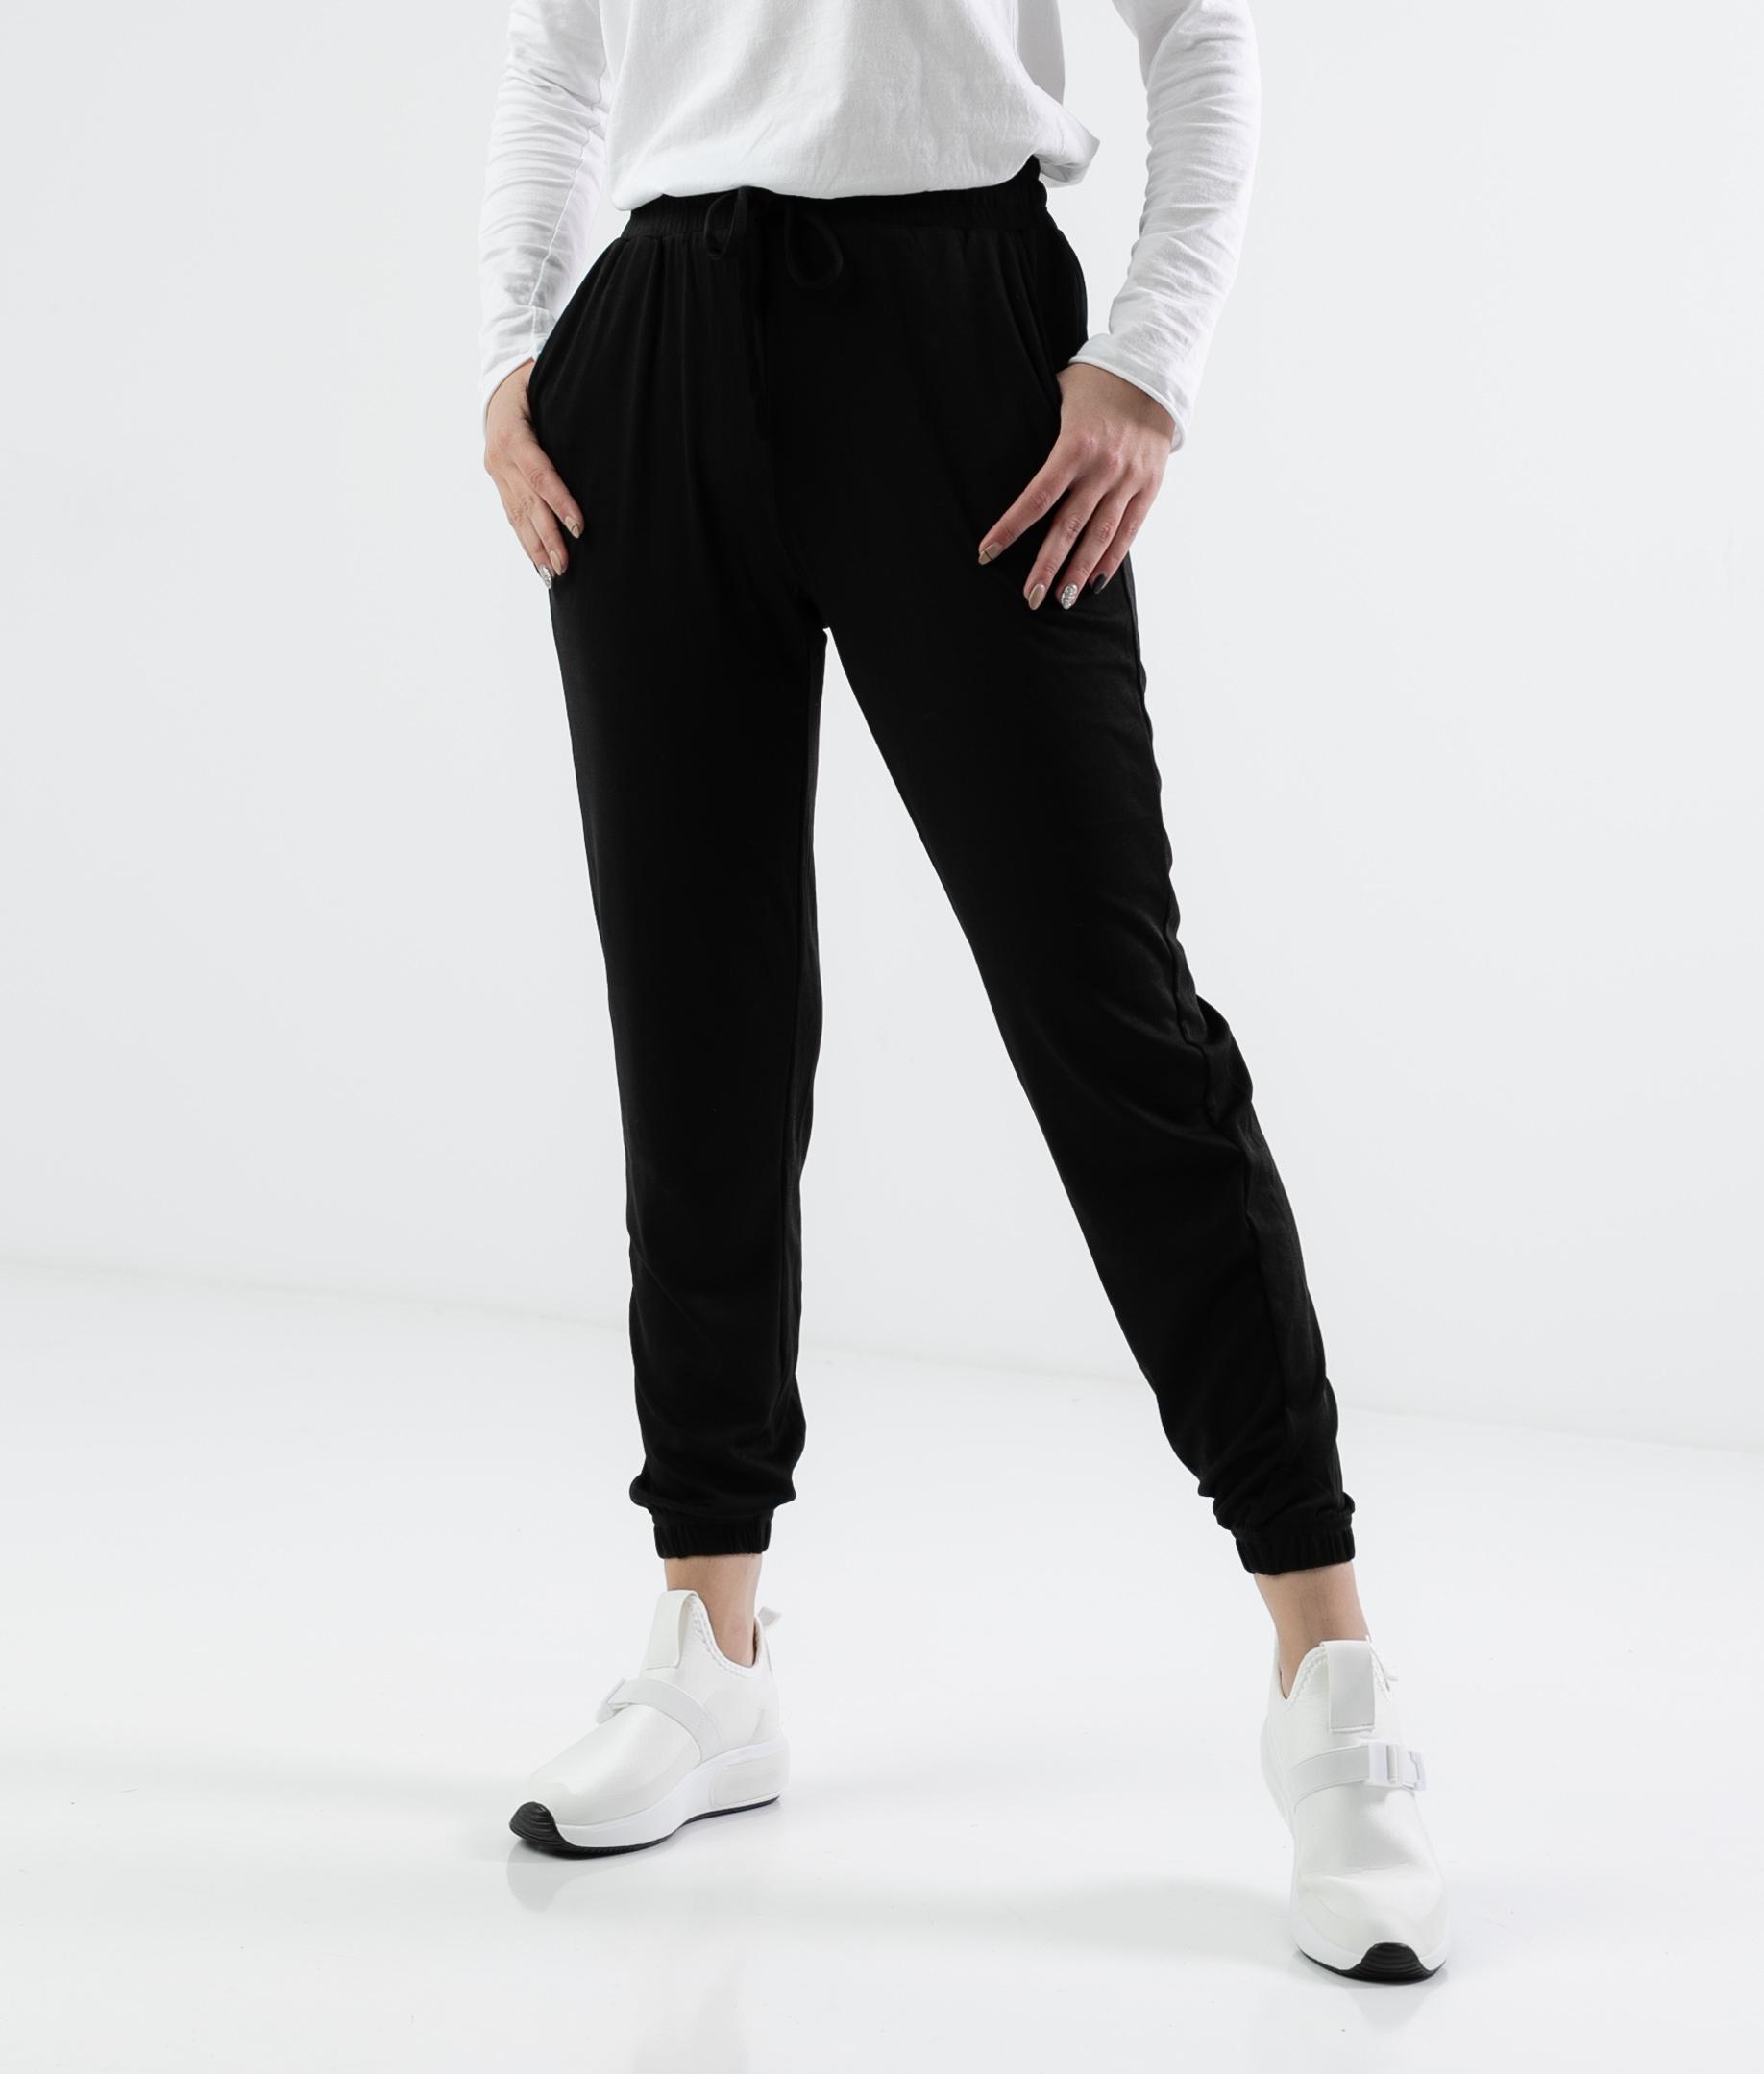 Pantalón Emere - Noir